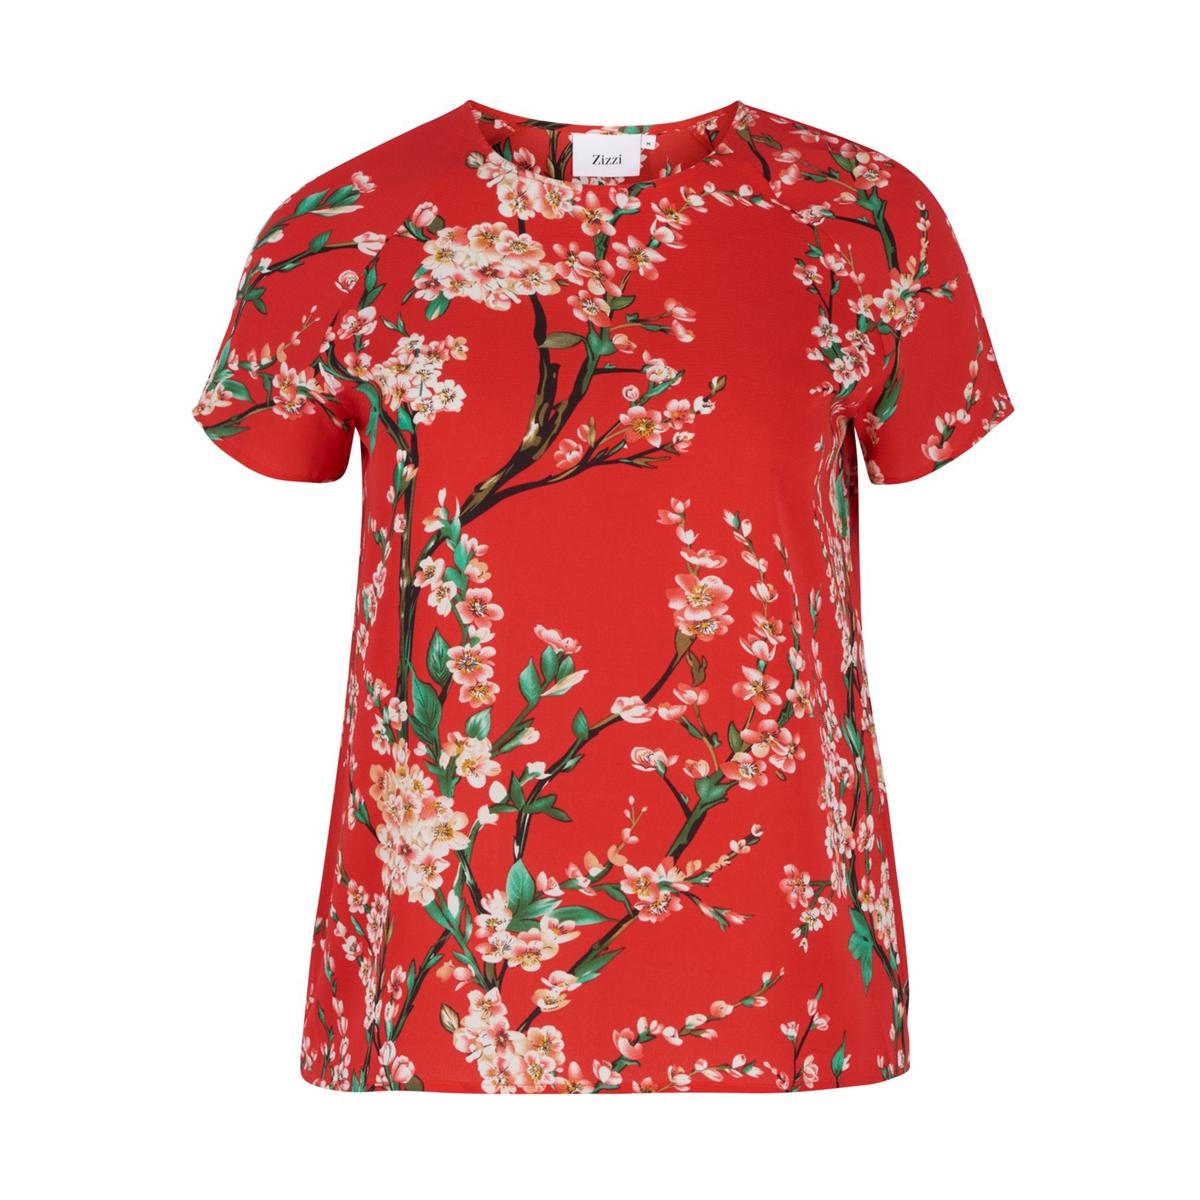 Блузка однотонная с круглым вырезом, с короткими рукавами от La Redoute